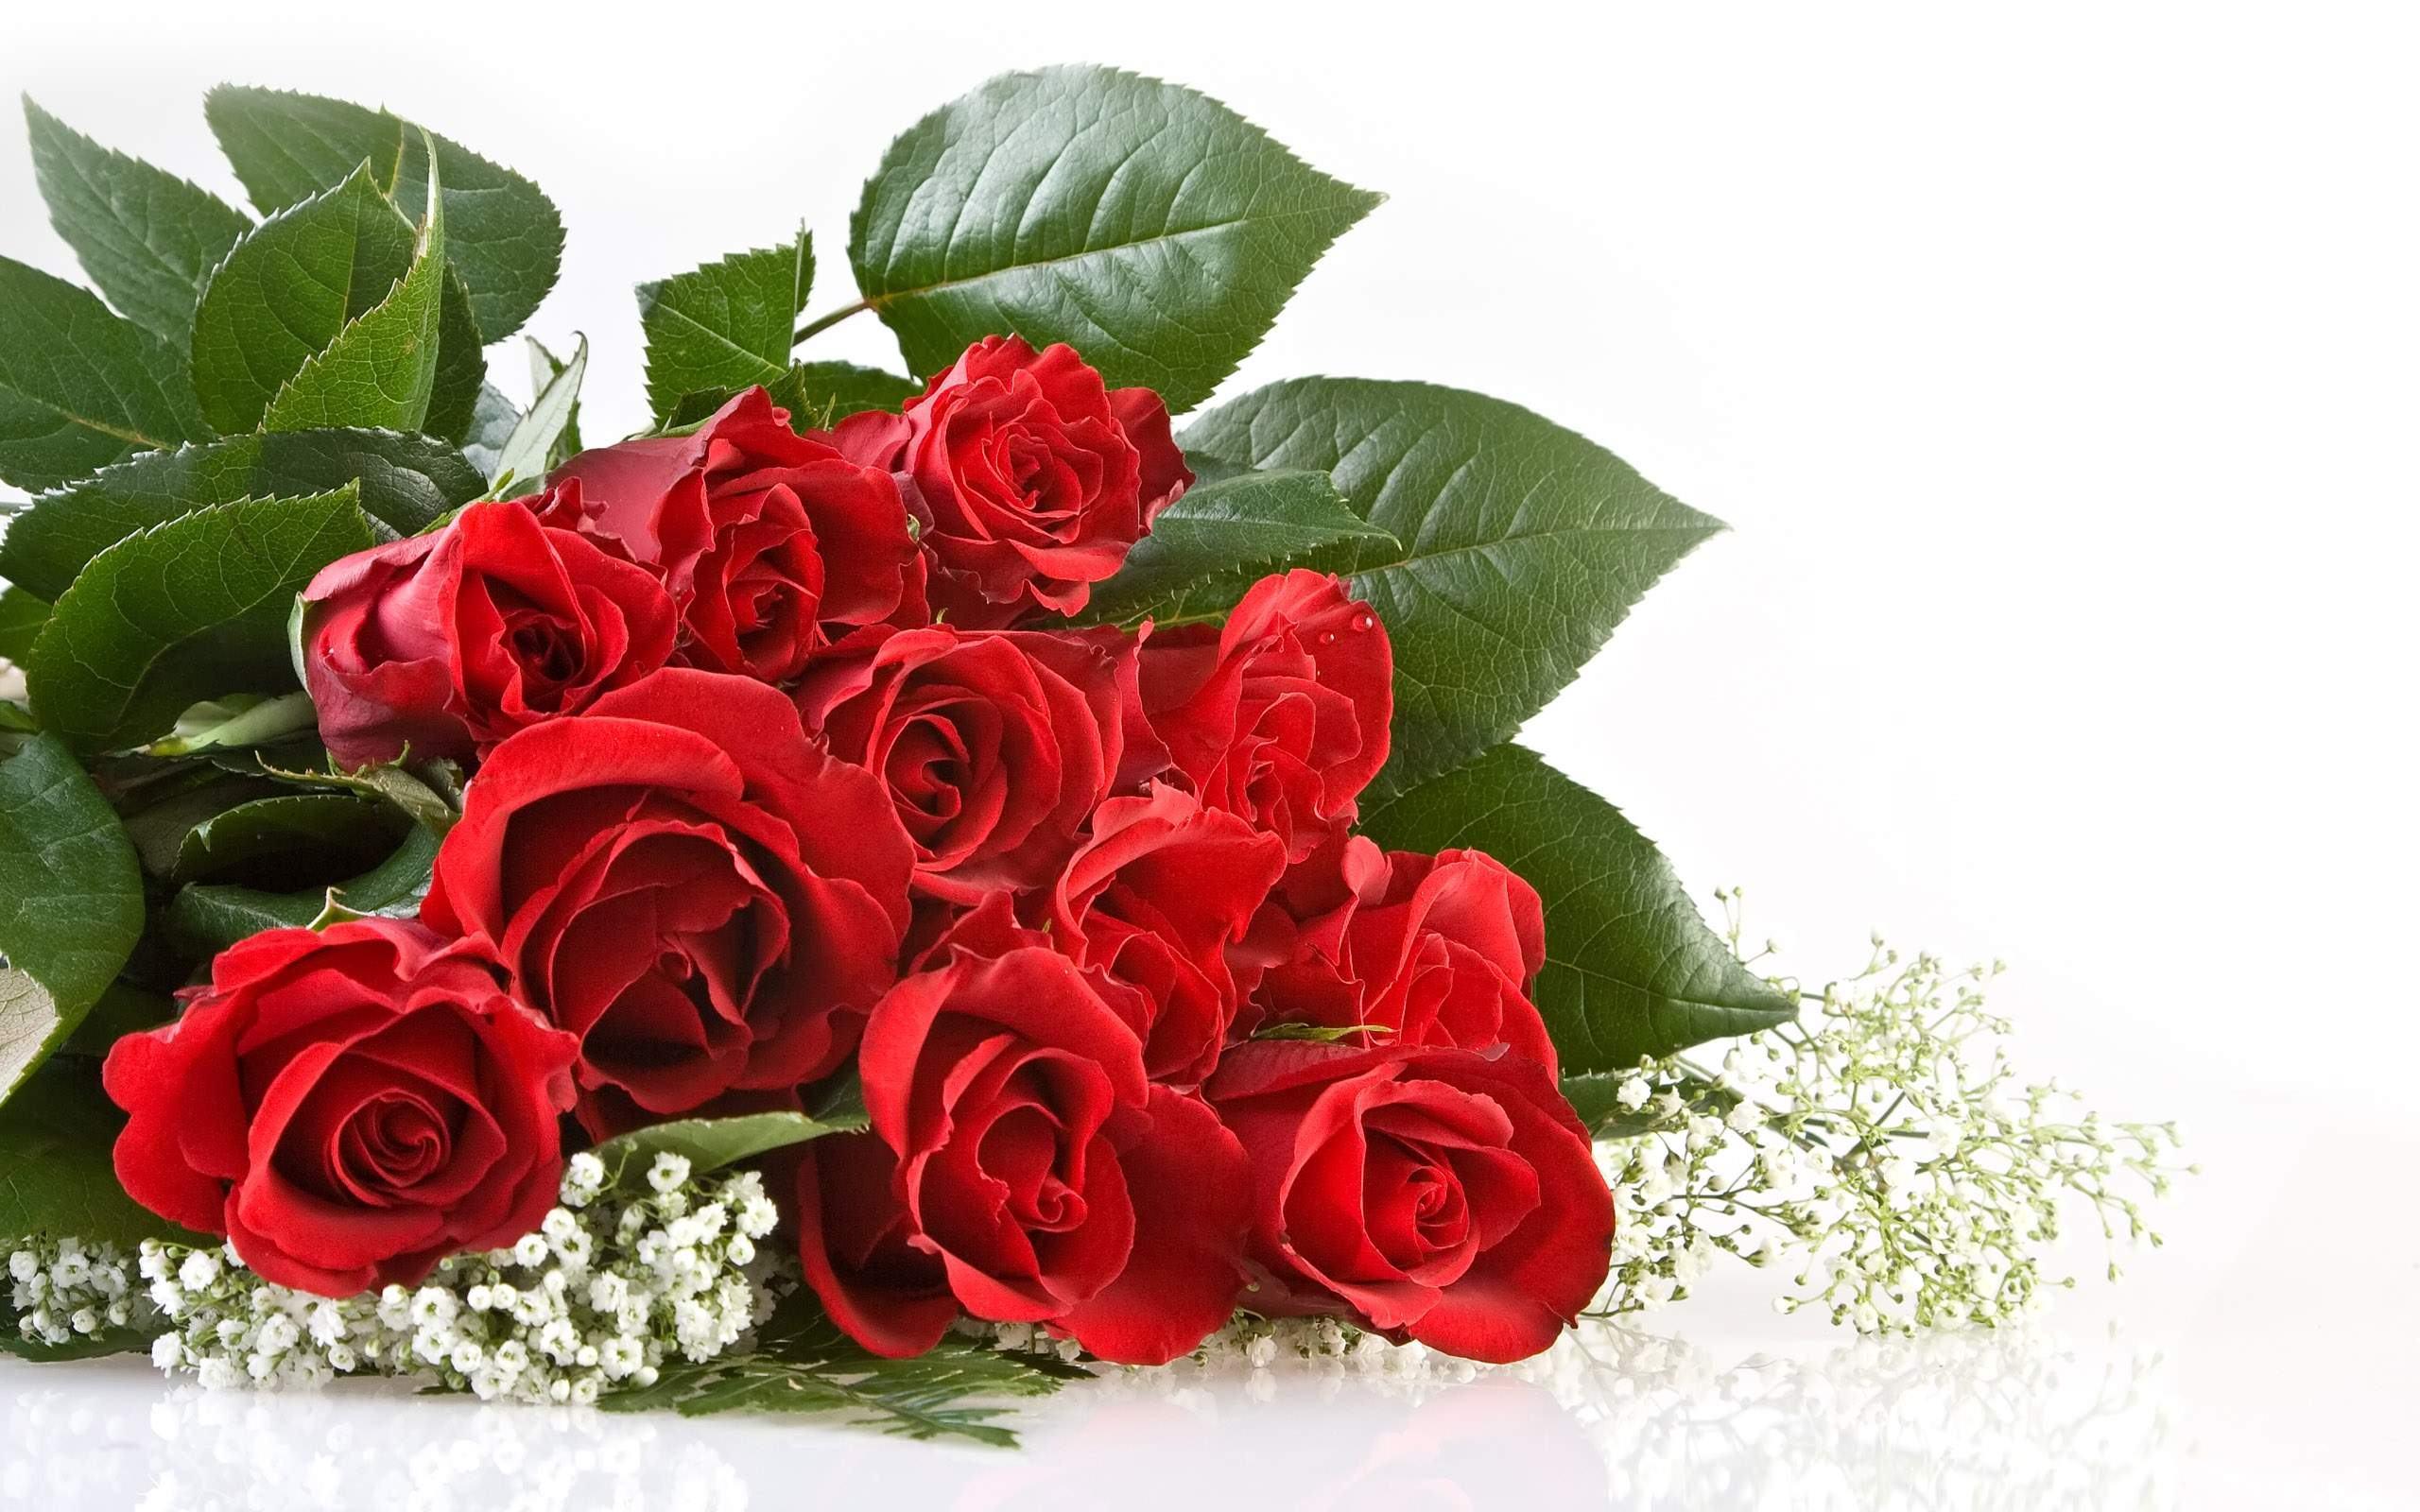 roses12-2.jpg